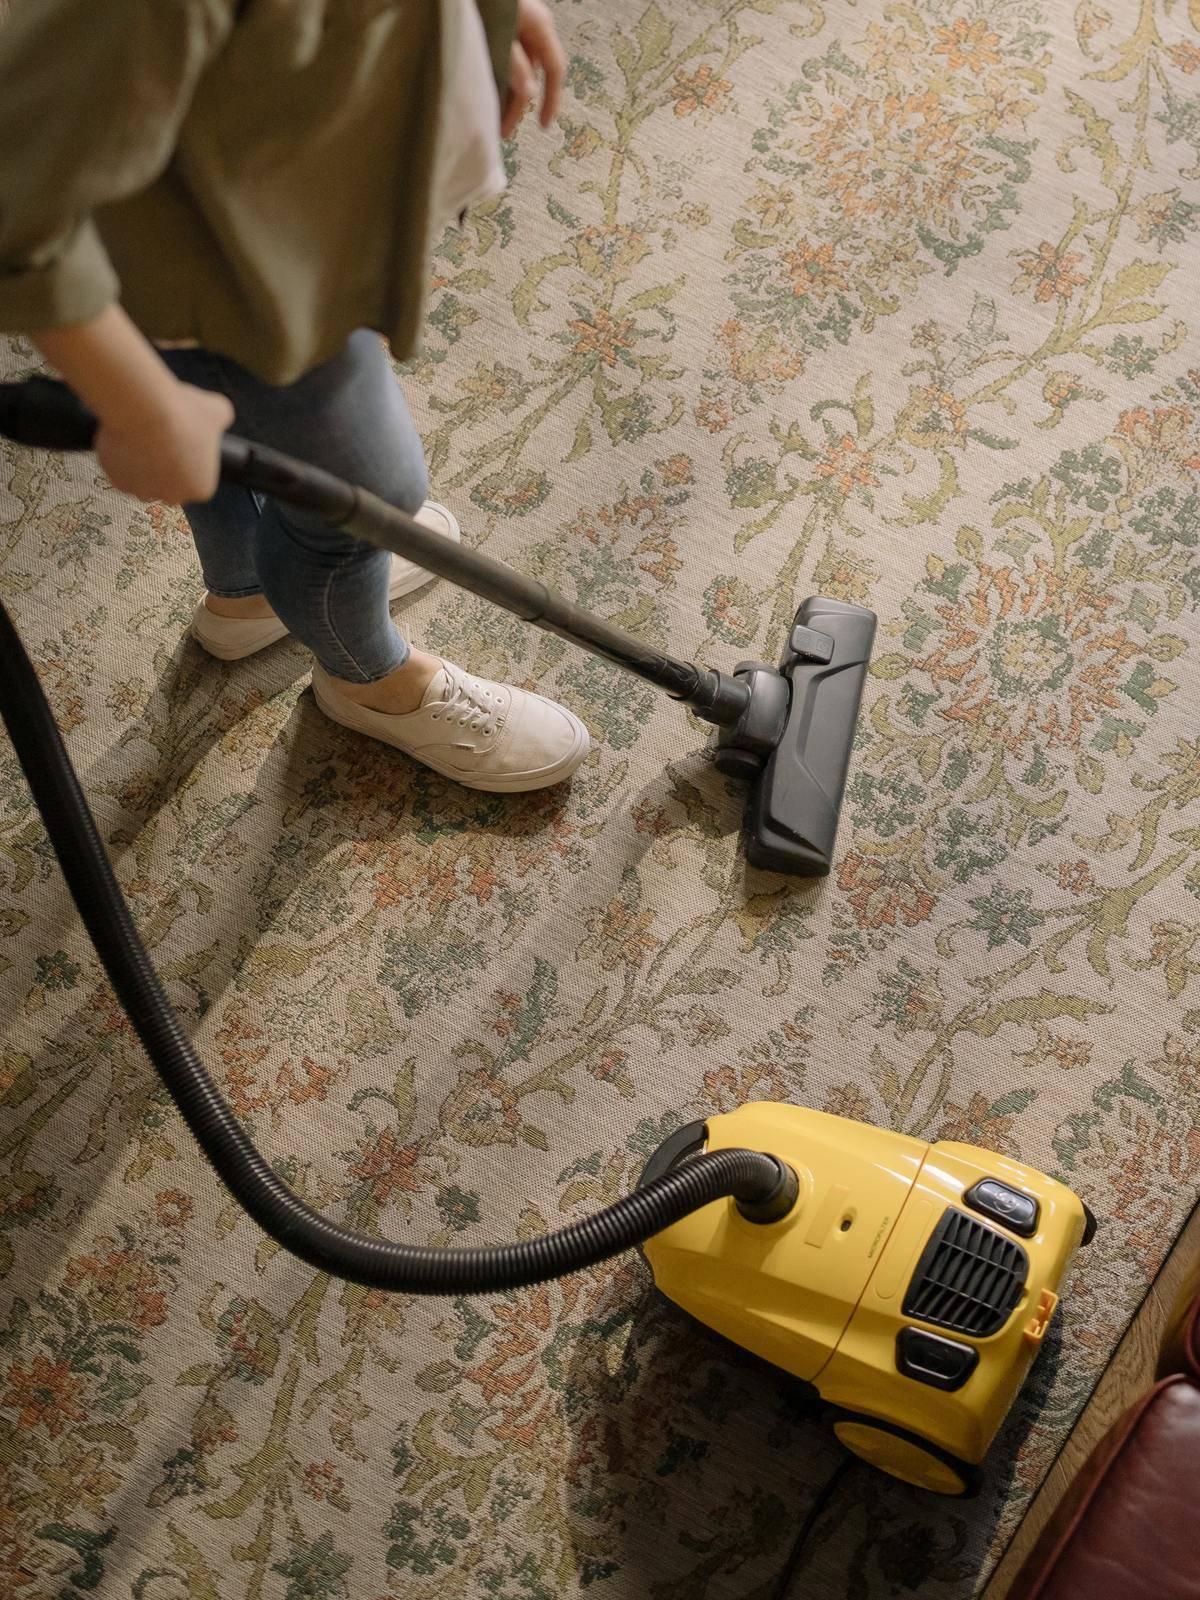 woman vacuuming the carpet